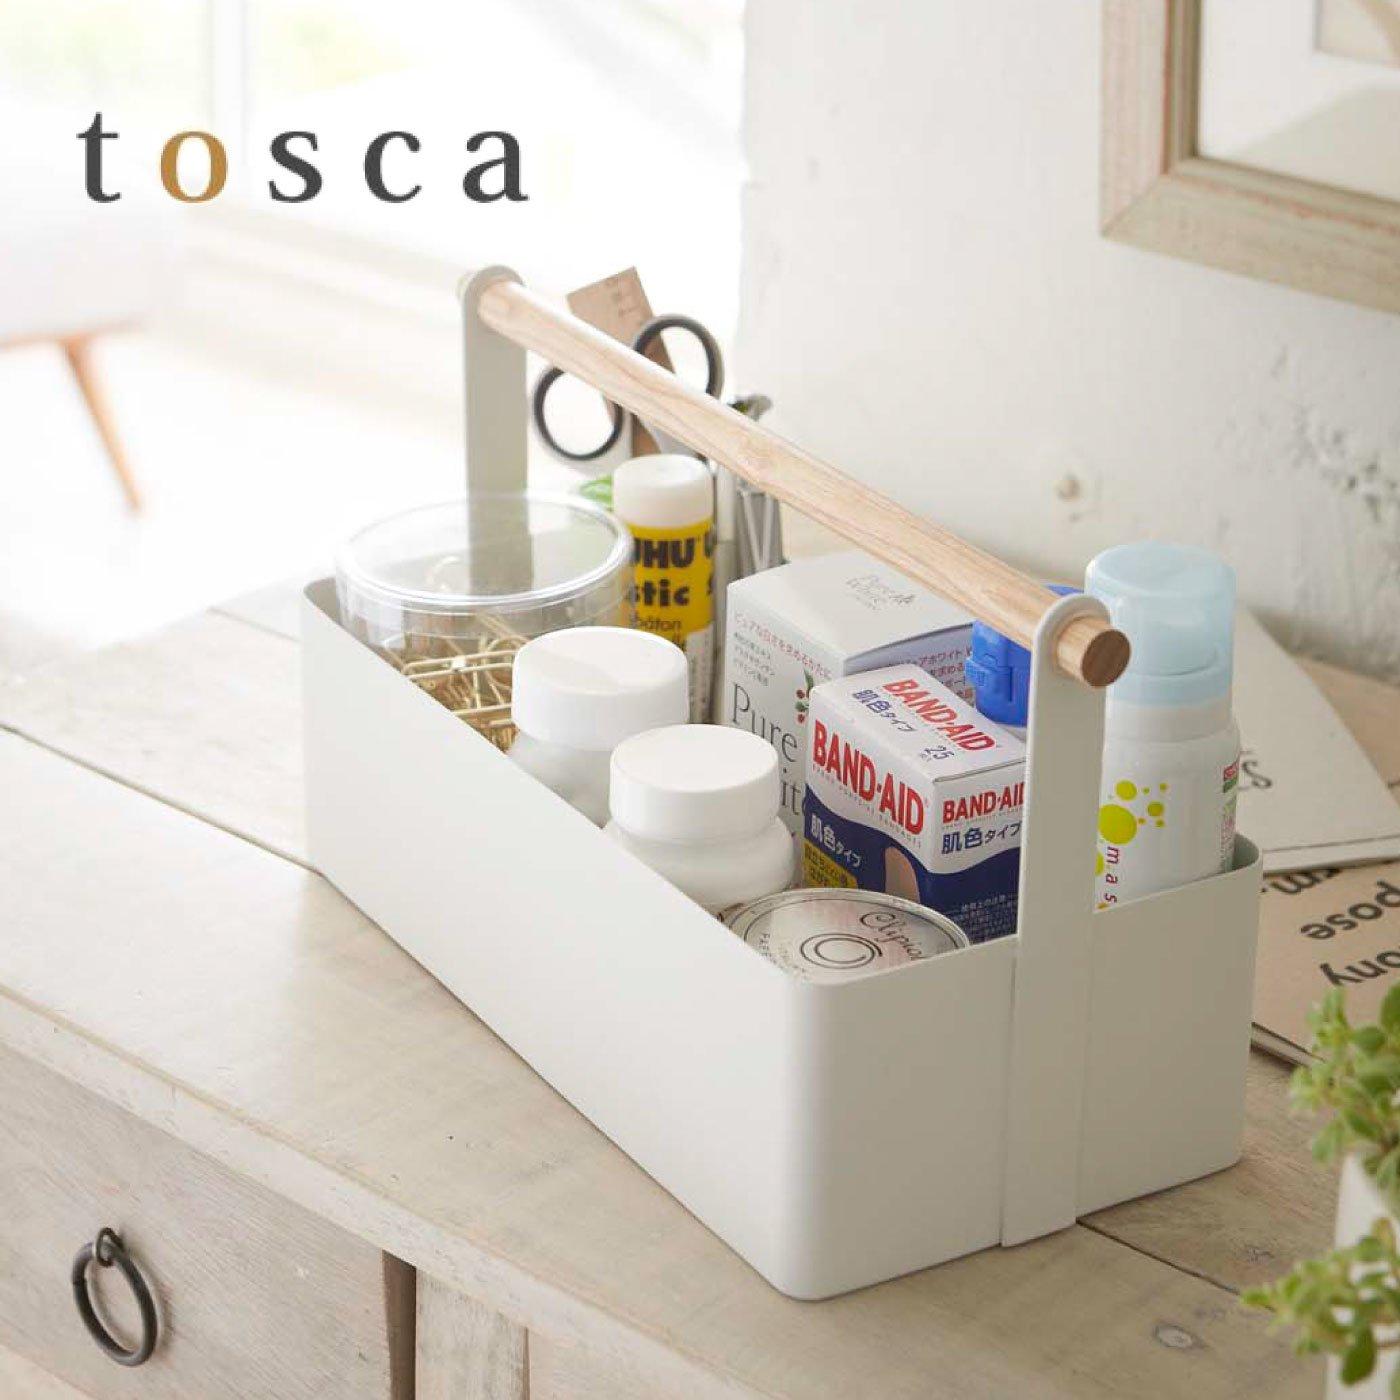 tosca ツールボックス Lサイズ